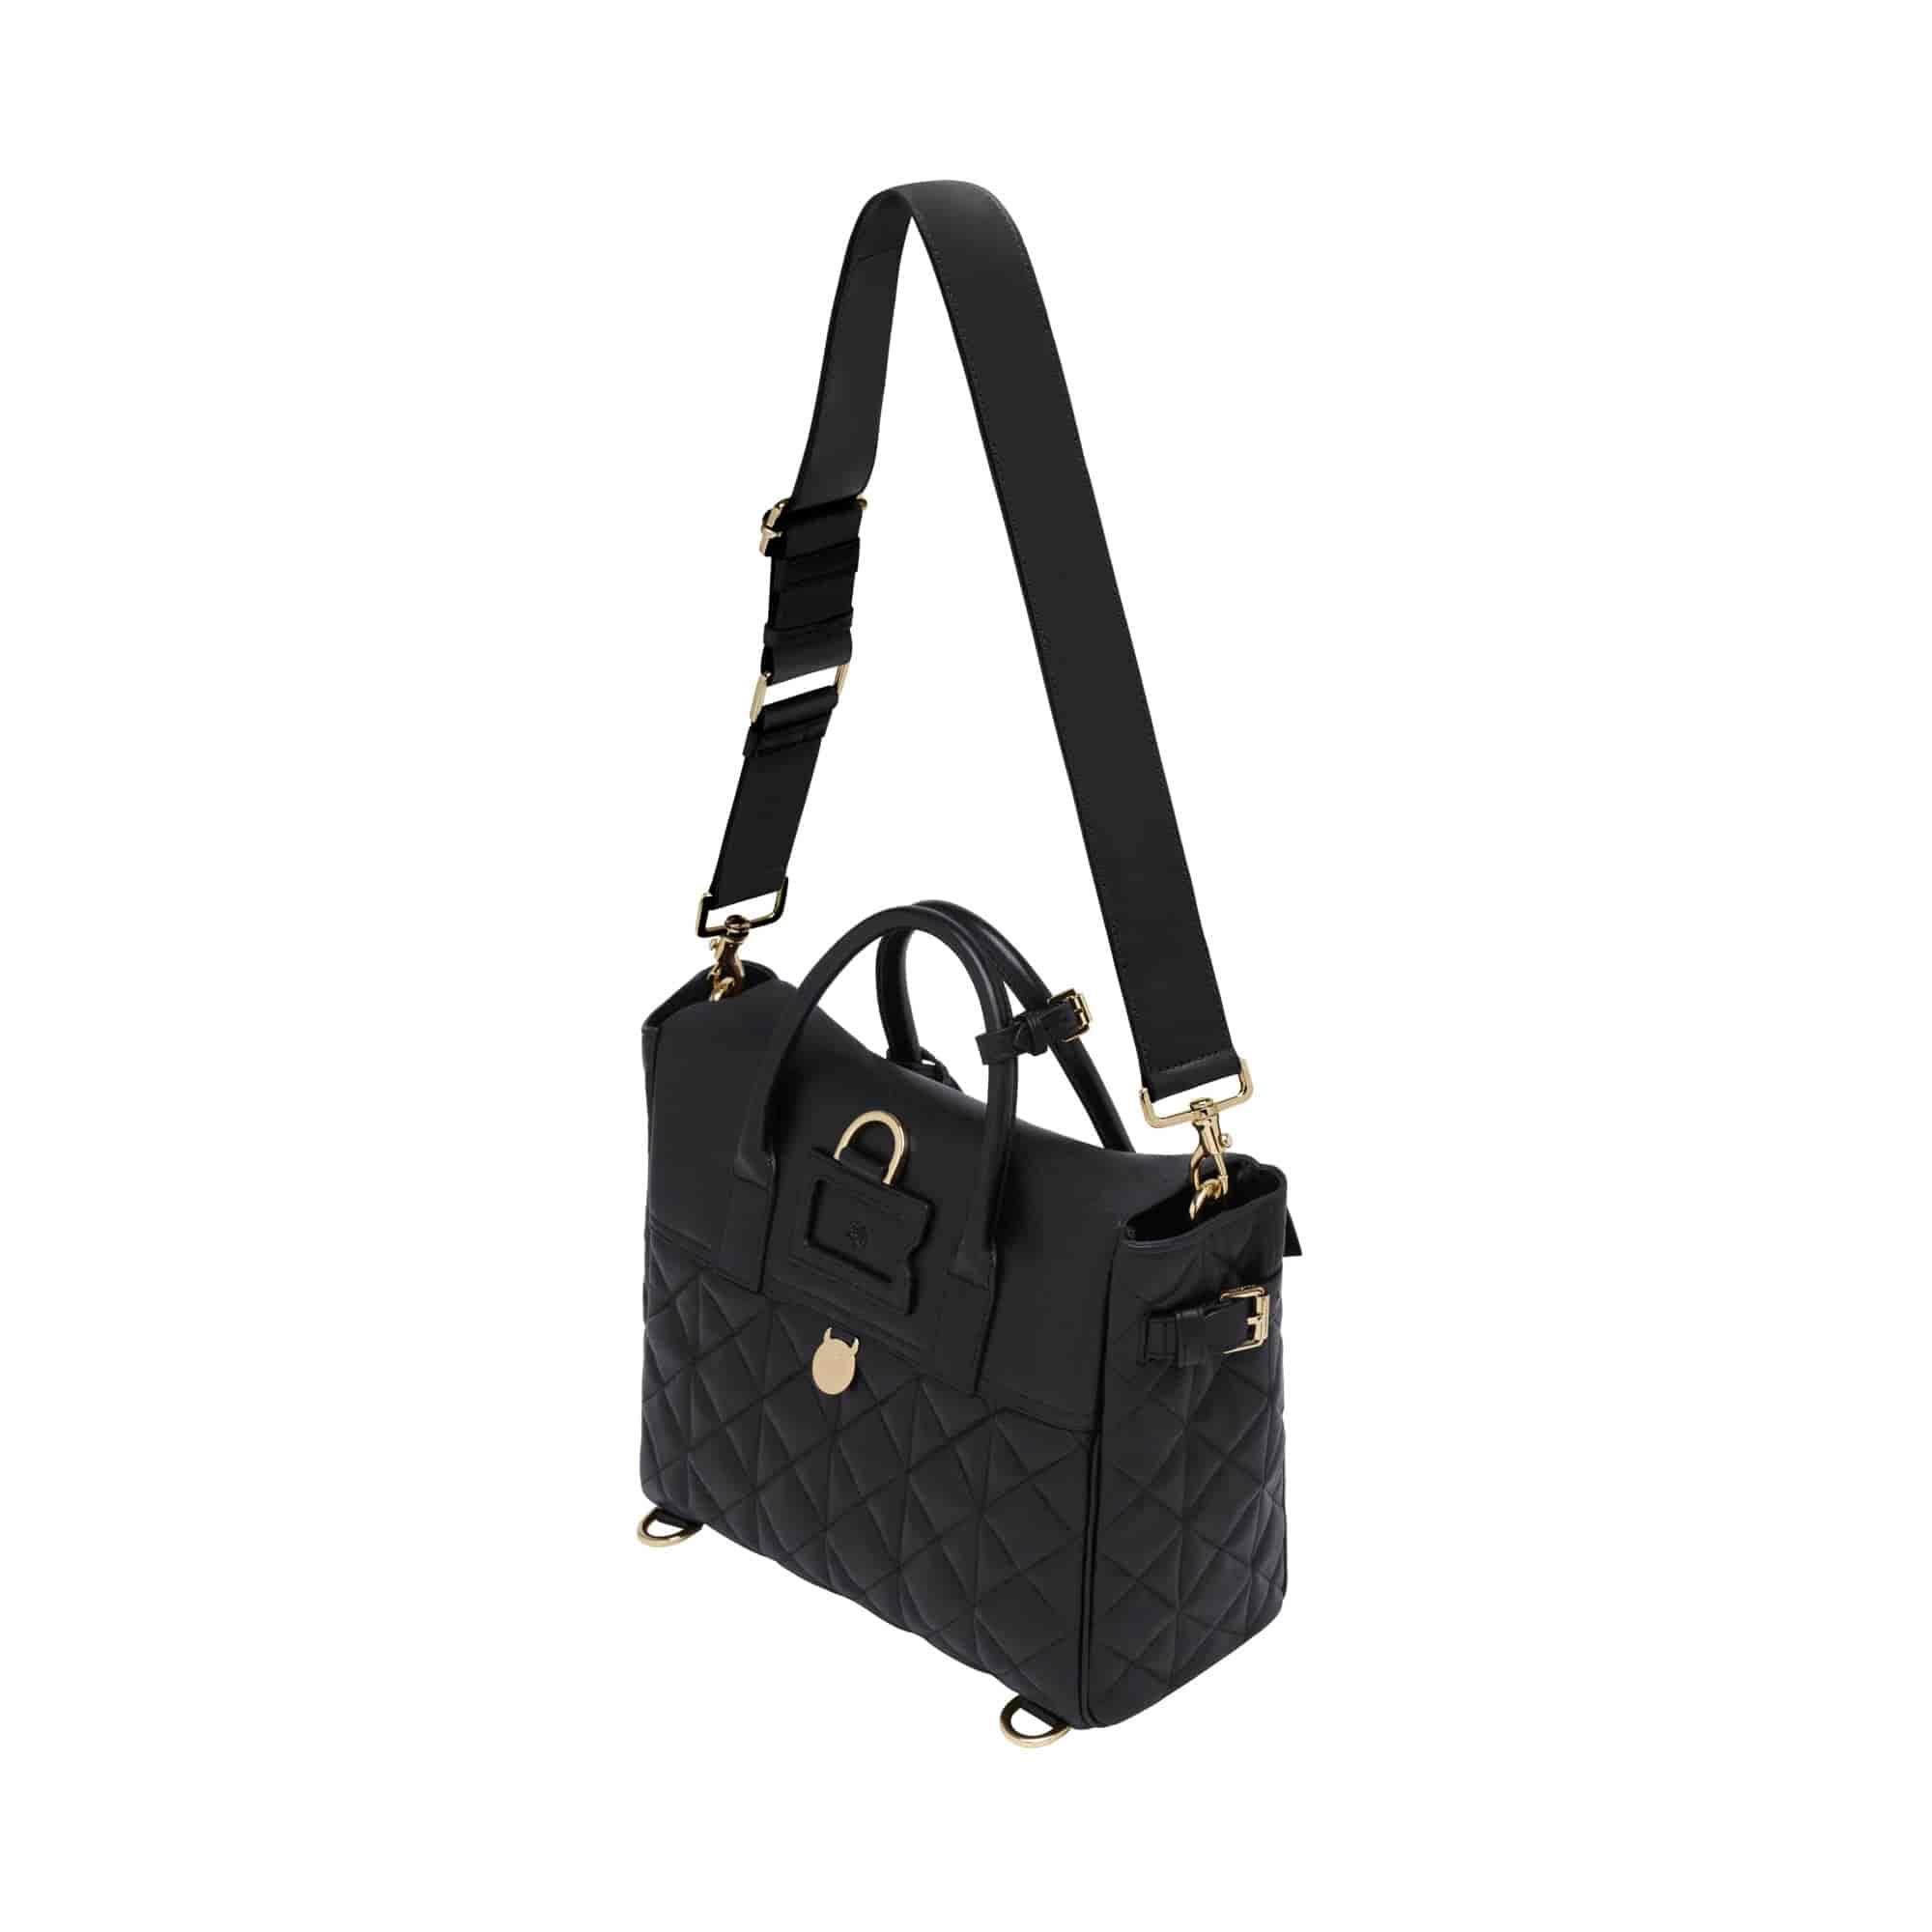 Buy Mulberry Cara Delevingne Shoulder Bag  HH2799-196A100-A100 ... b4fe0131de